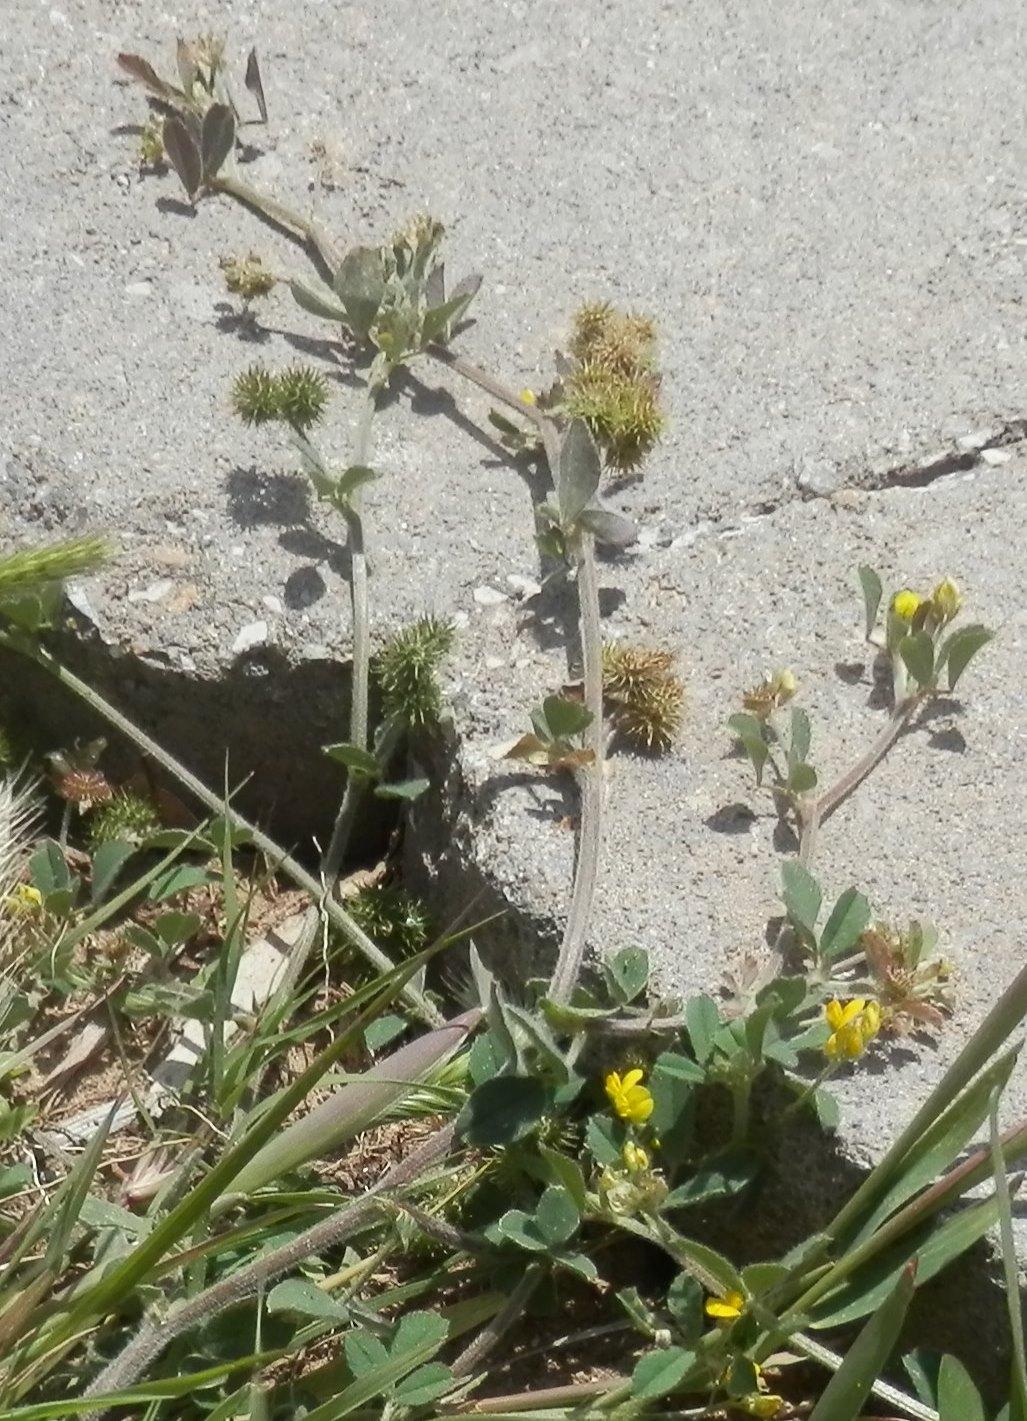 a sticker plant by the sidewalk